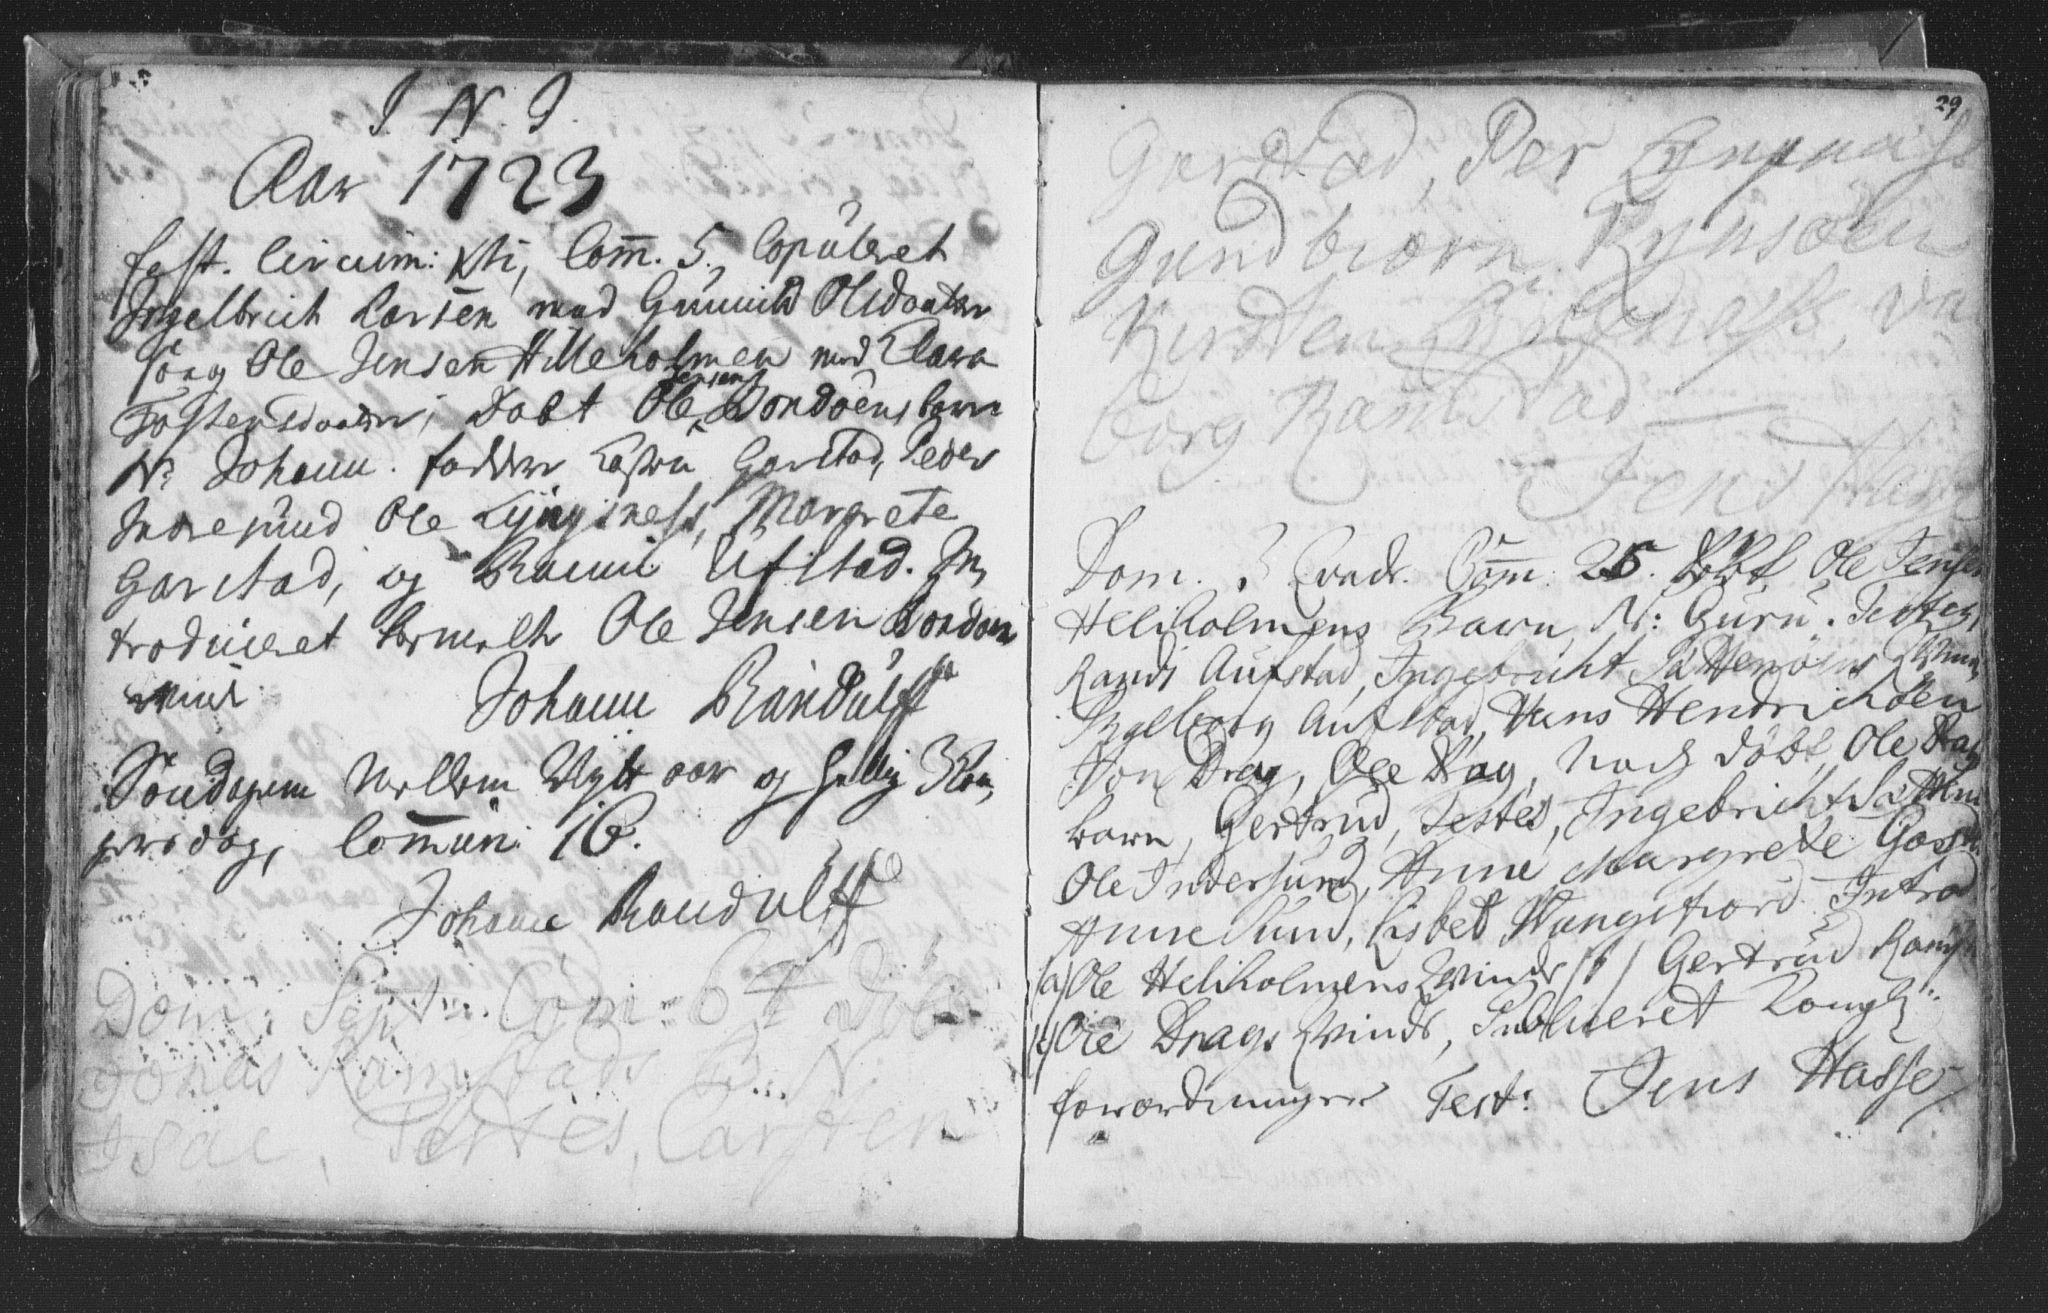 SAT, Ministerialprotokoller, klokkerbøker og fødselsregistre - Nord-Trøndelag, 786/L0685: Ministerialbok nr. 786A01, 1710-1798, s. 29